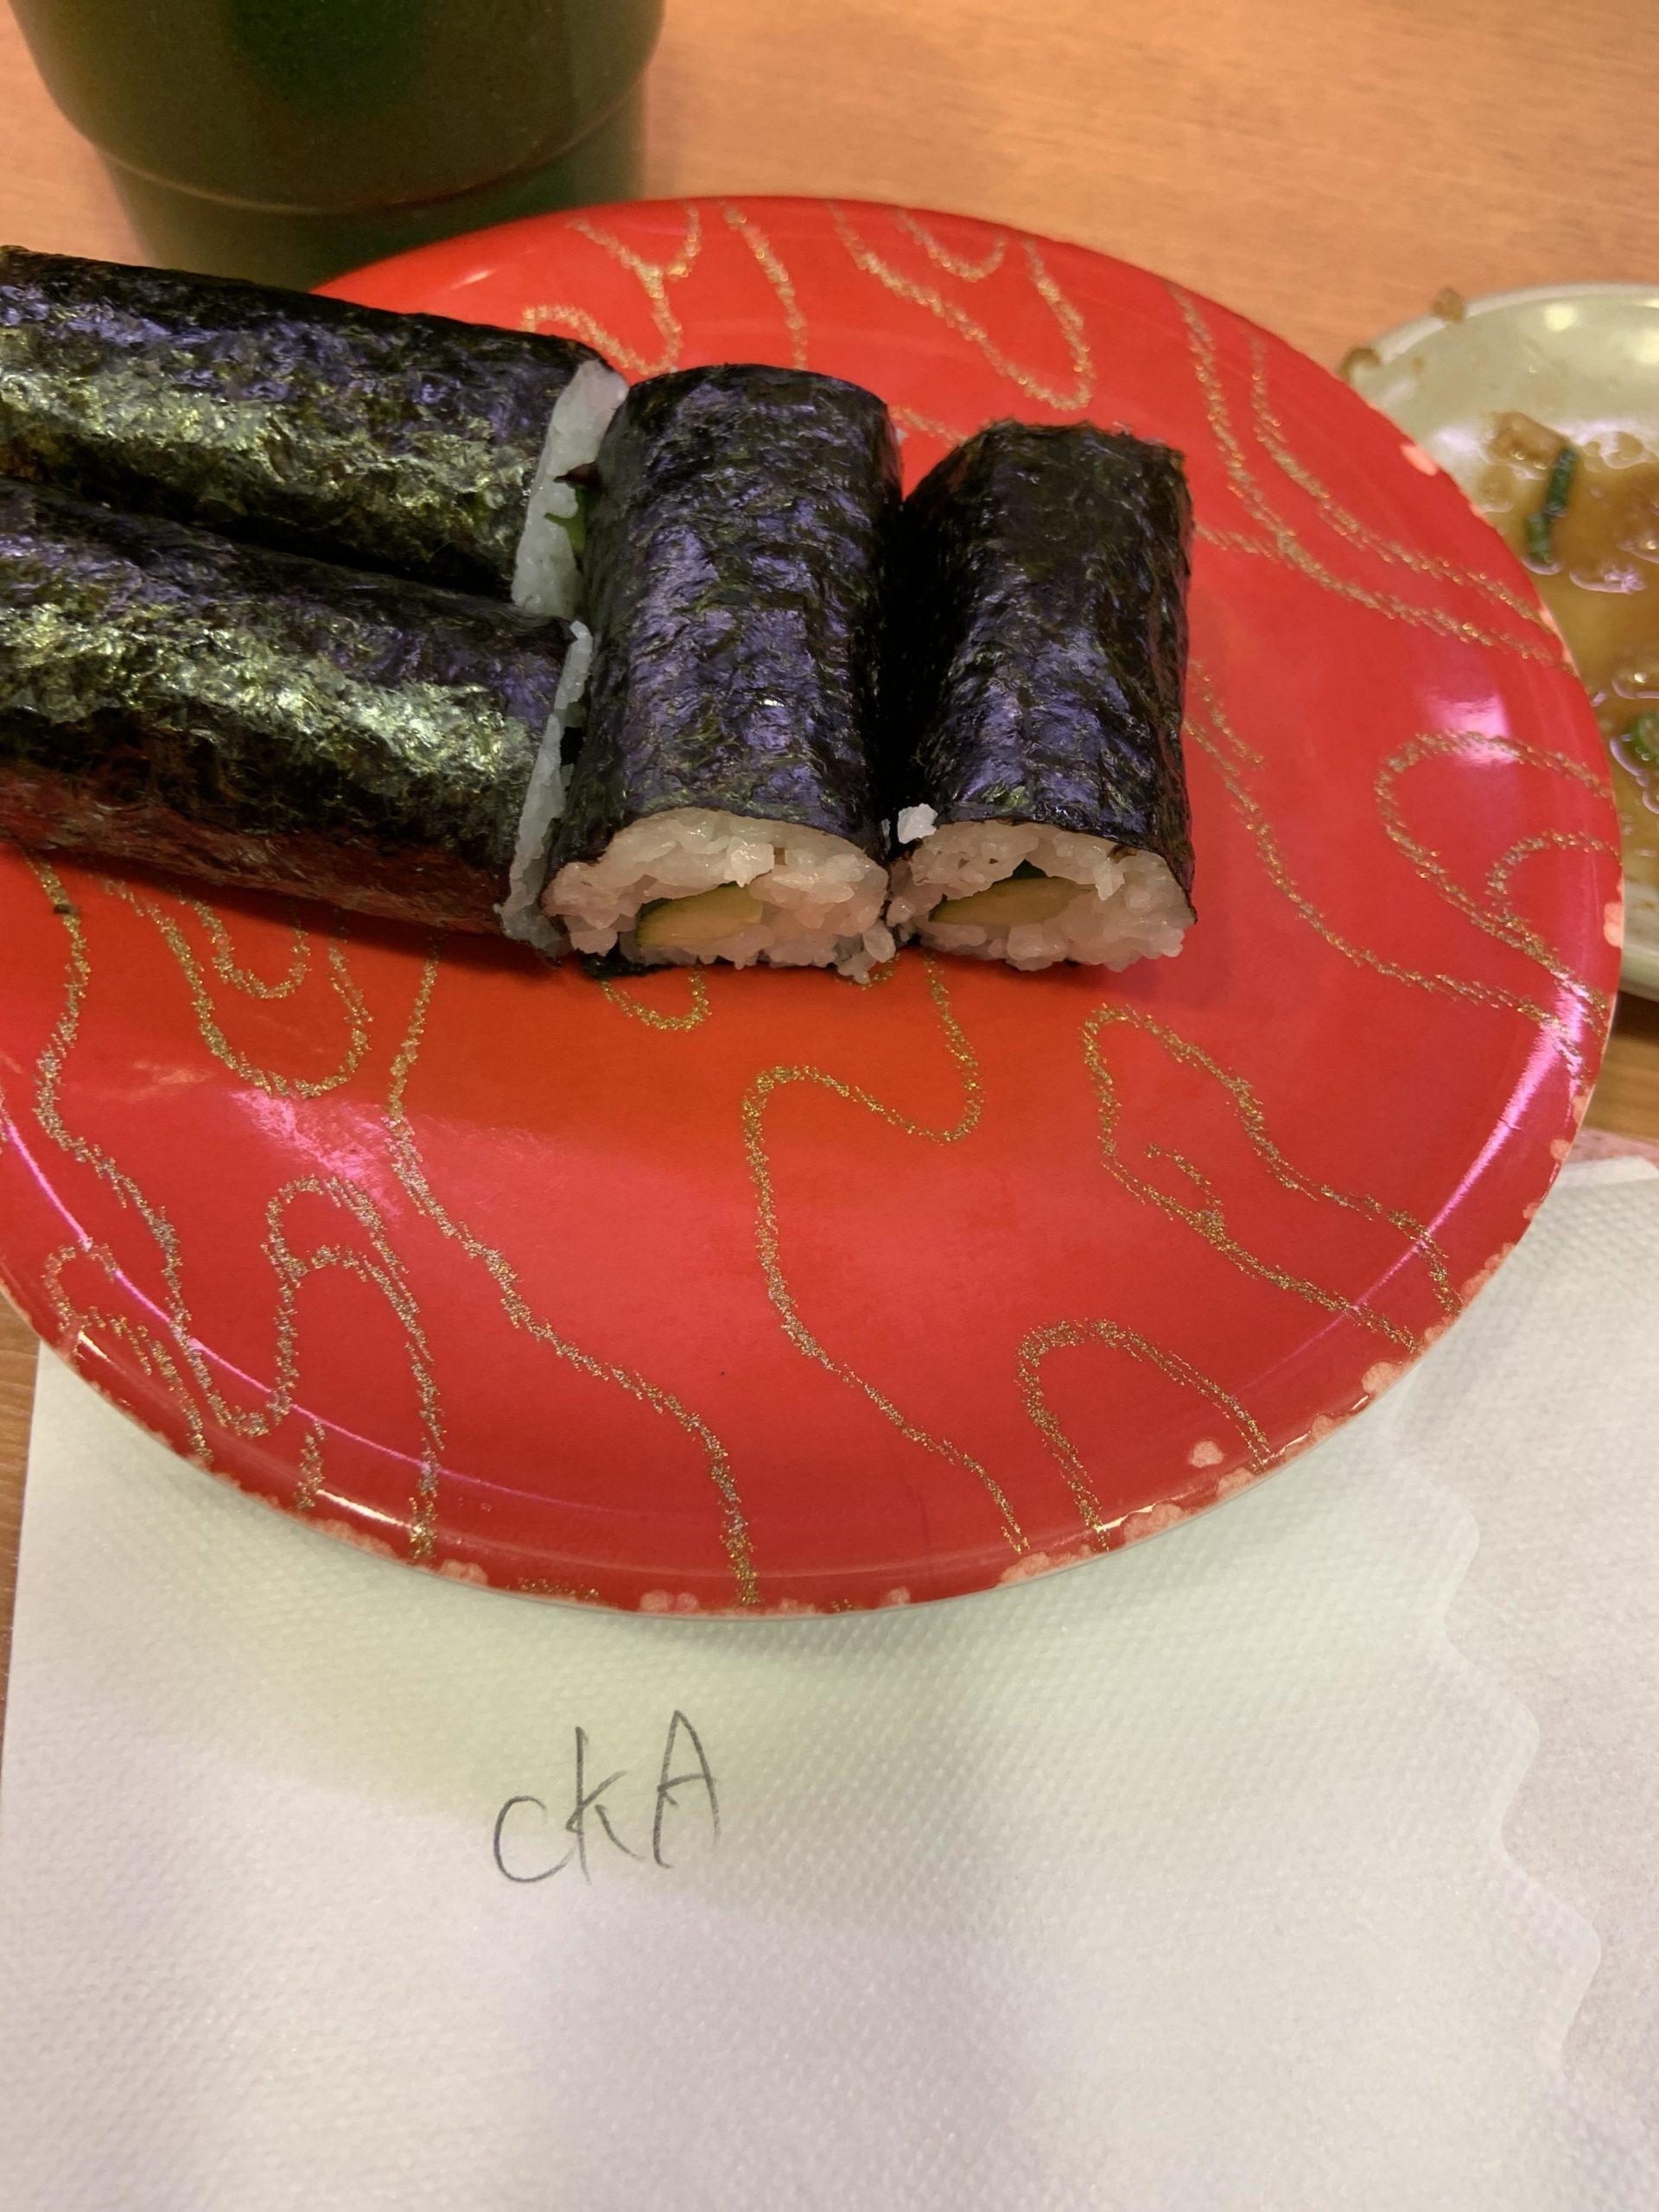 【画像有】回転寿司に来たので>>5を頼む